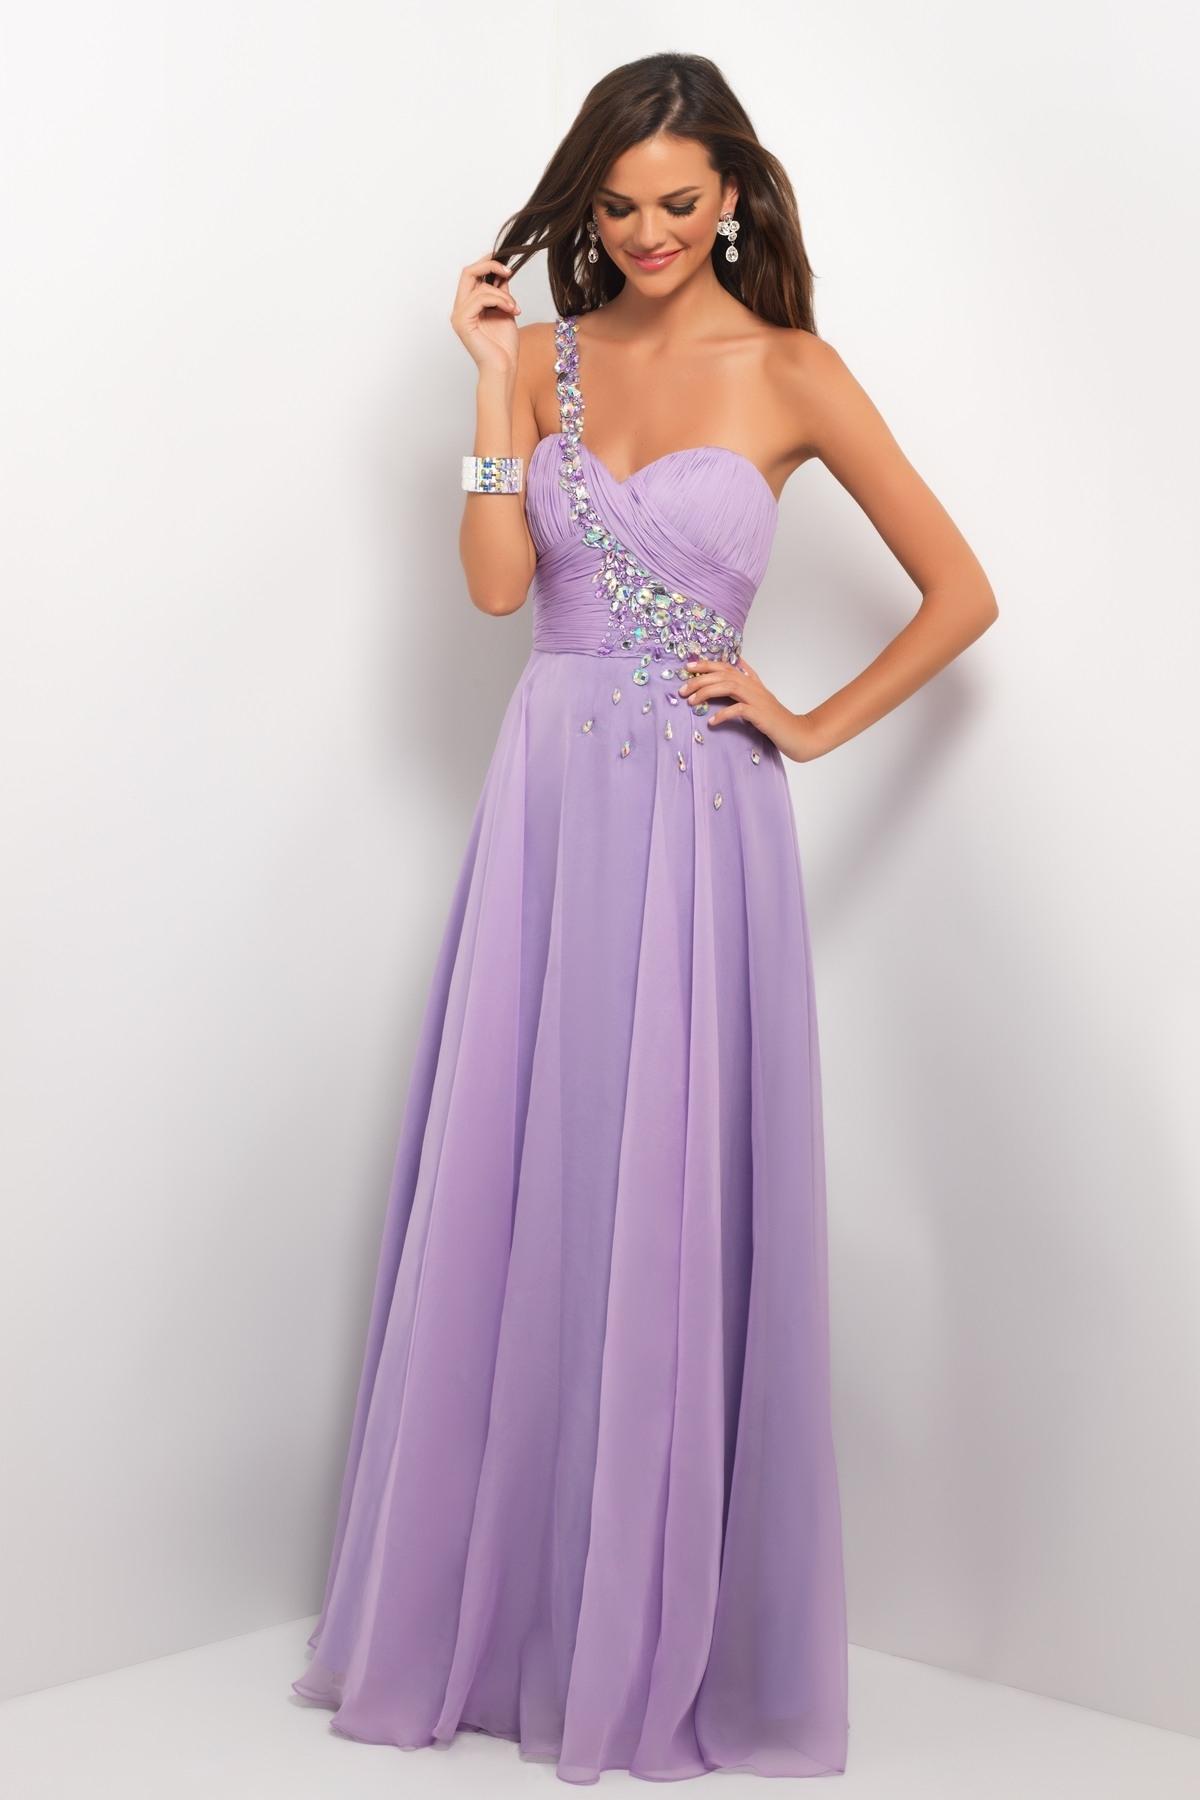 17 Spektakulär Abendkleider Sehr Günstig Stylish17 Perfekt Abendkleider Sehr Günstig Spezialgebiet